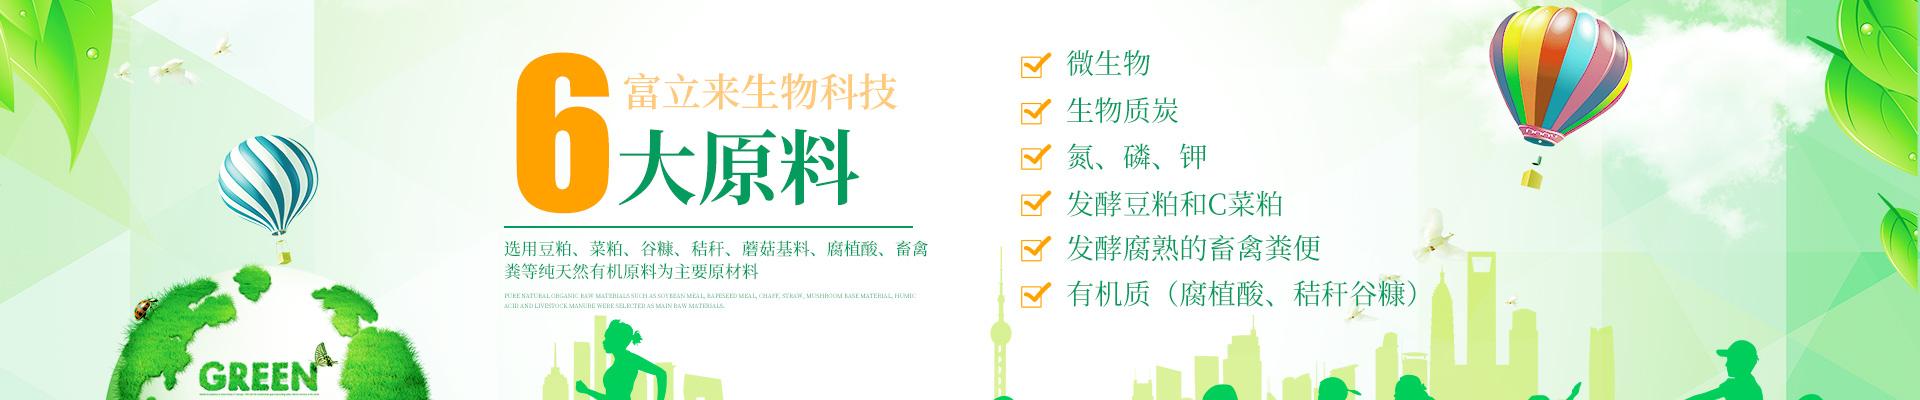 益阳市yaboapp生物科技有限公司_益阳大型综合性肥料生产企业